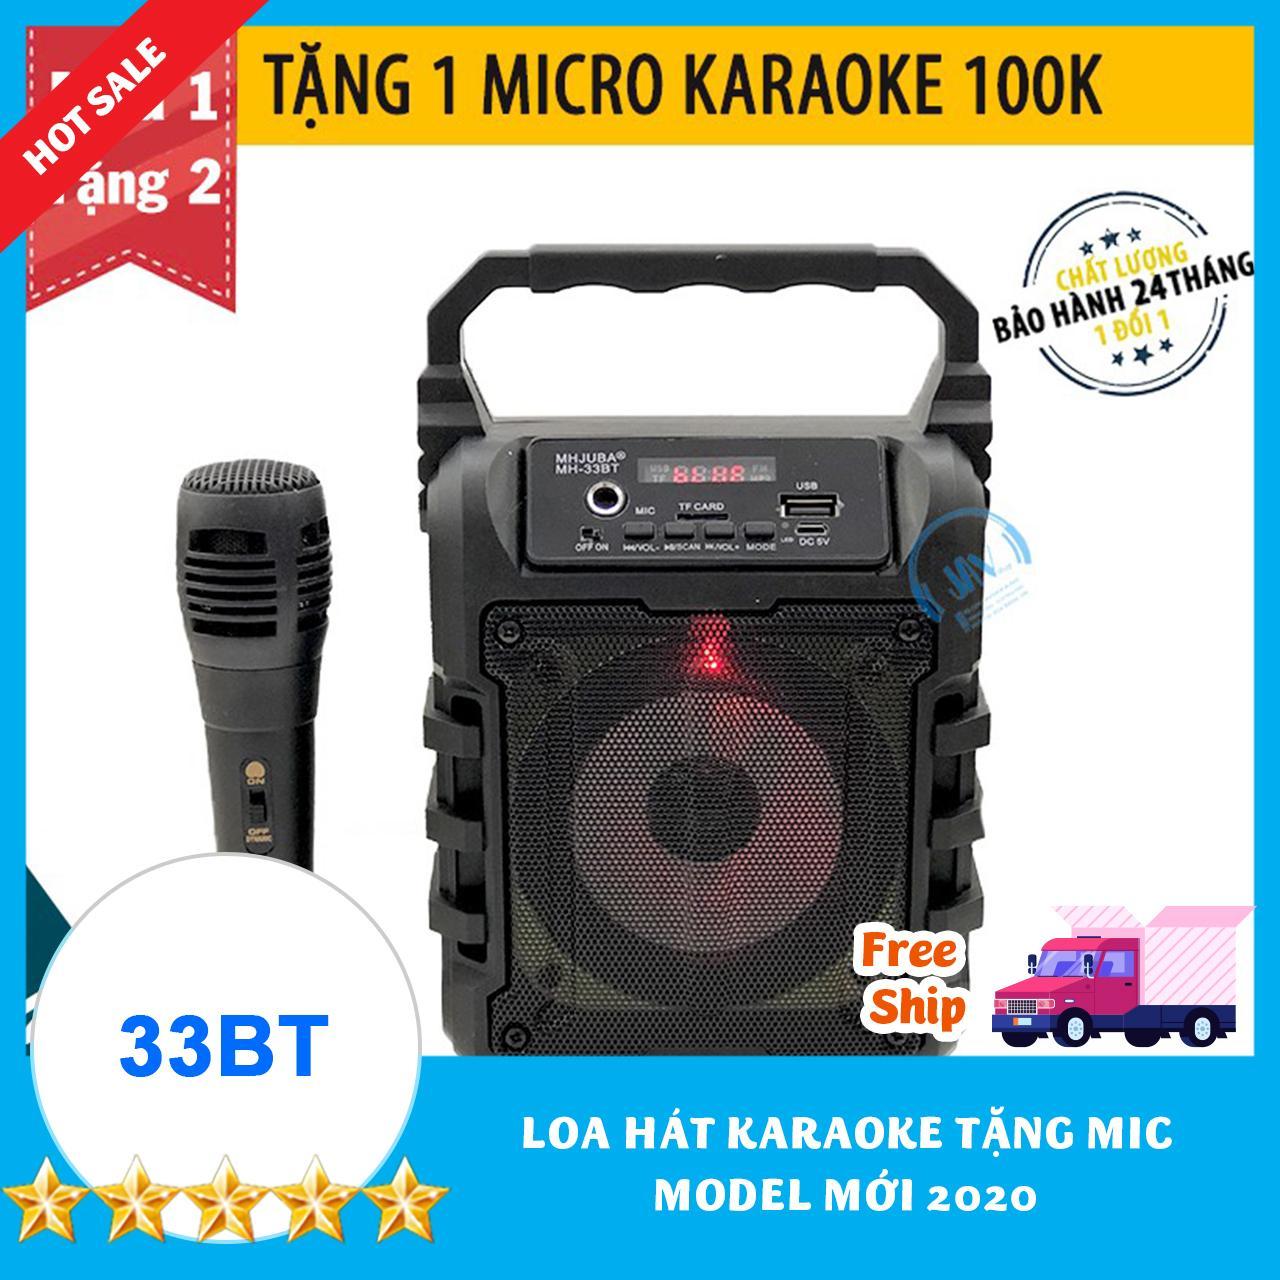 [TẶNG 1 MIC KARAOKE CÓ VANG 100K] Loa Kẹo Kéo Karaoke Bluetooth Mini MH-33bt - Tiện lợi - Âm to - Cực đã - JAVA Shop - Loa bluetooth không dây giá rẻ - Loa Karaoke Tại Nhà